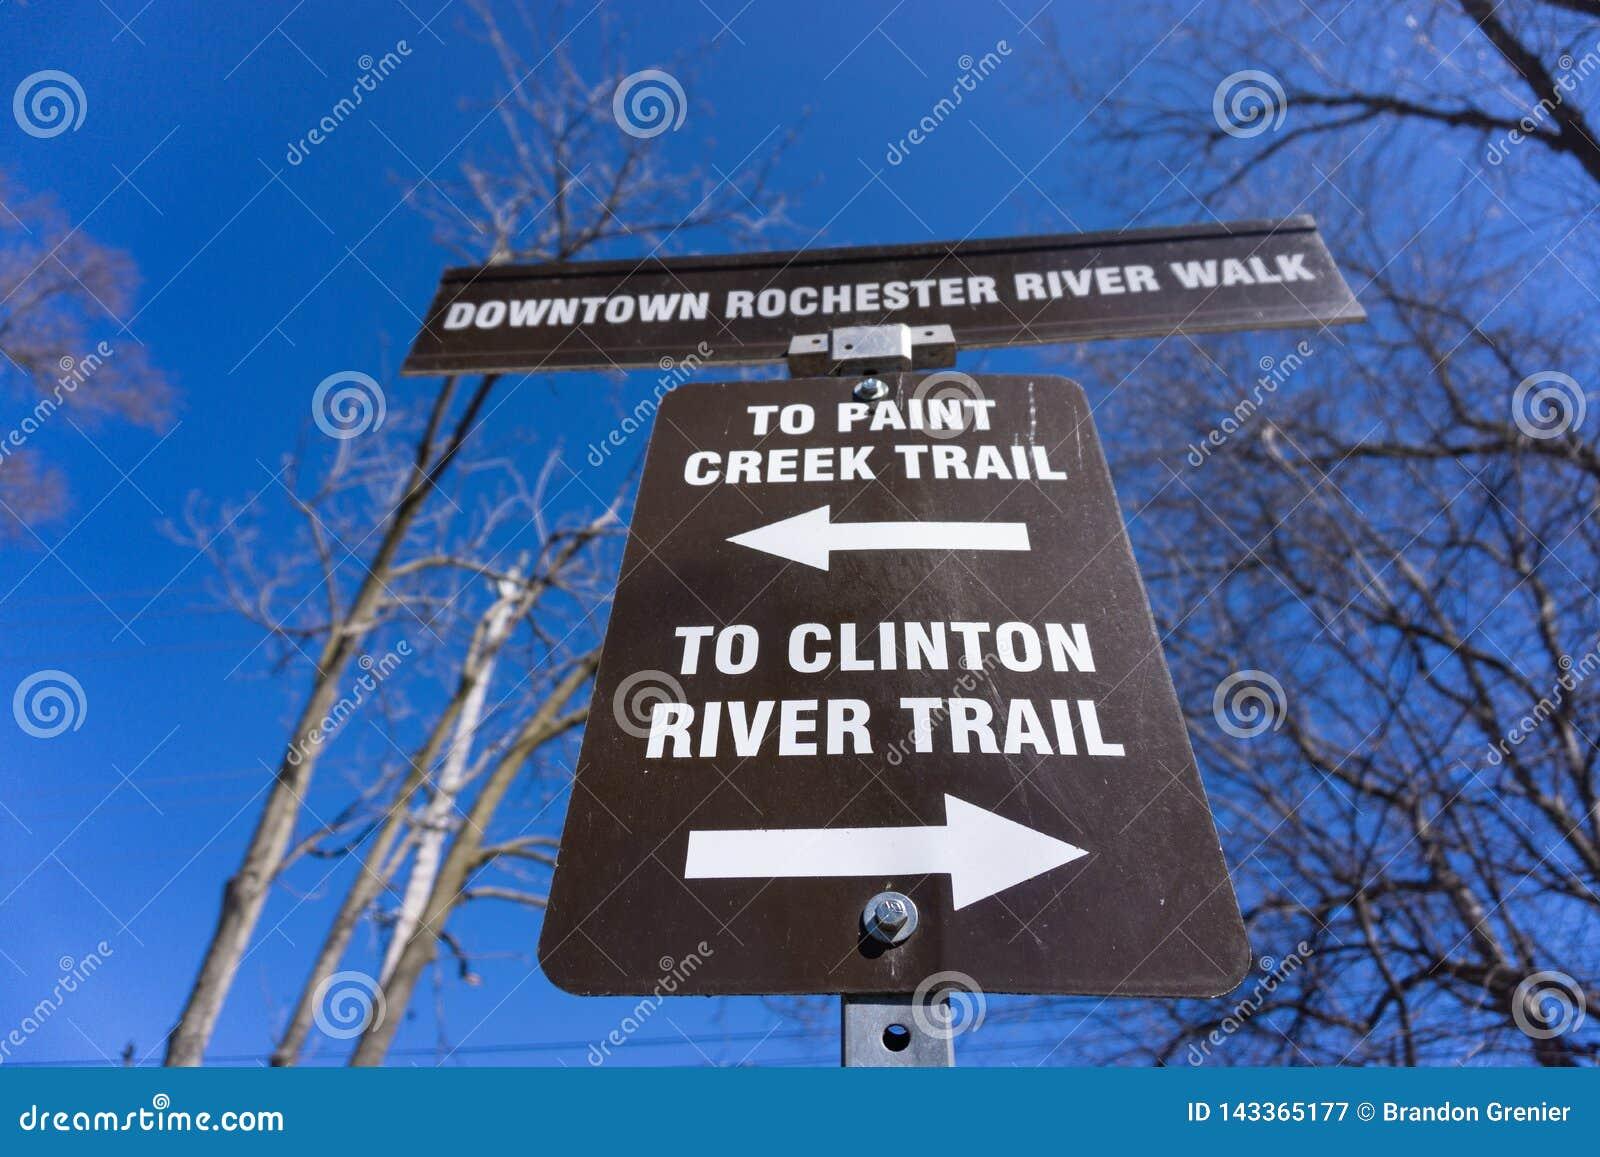 油漆小河足迹和克林顿河足迹在街市罗切斯特,MI